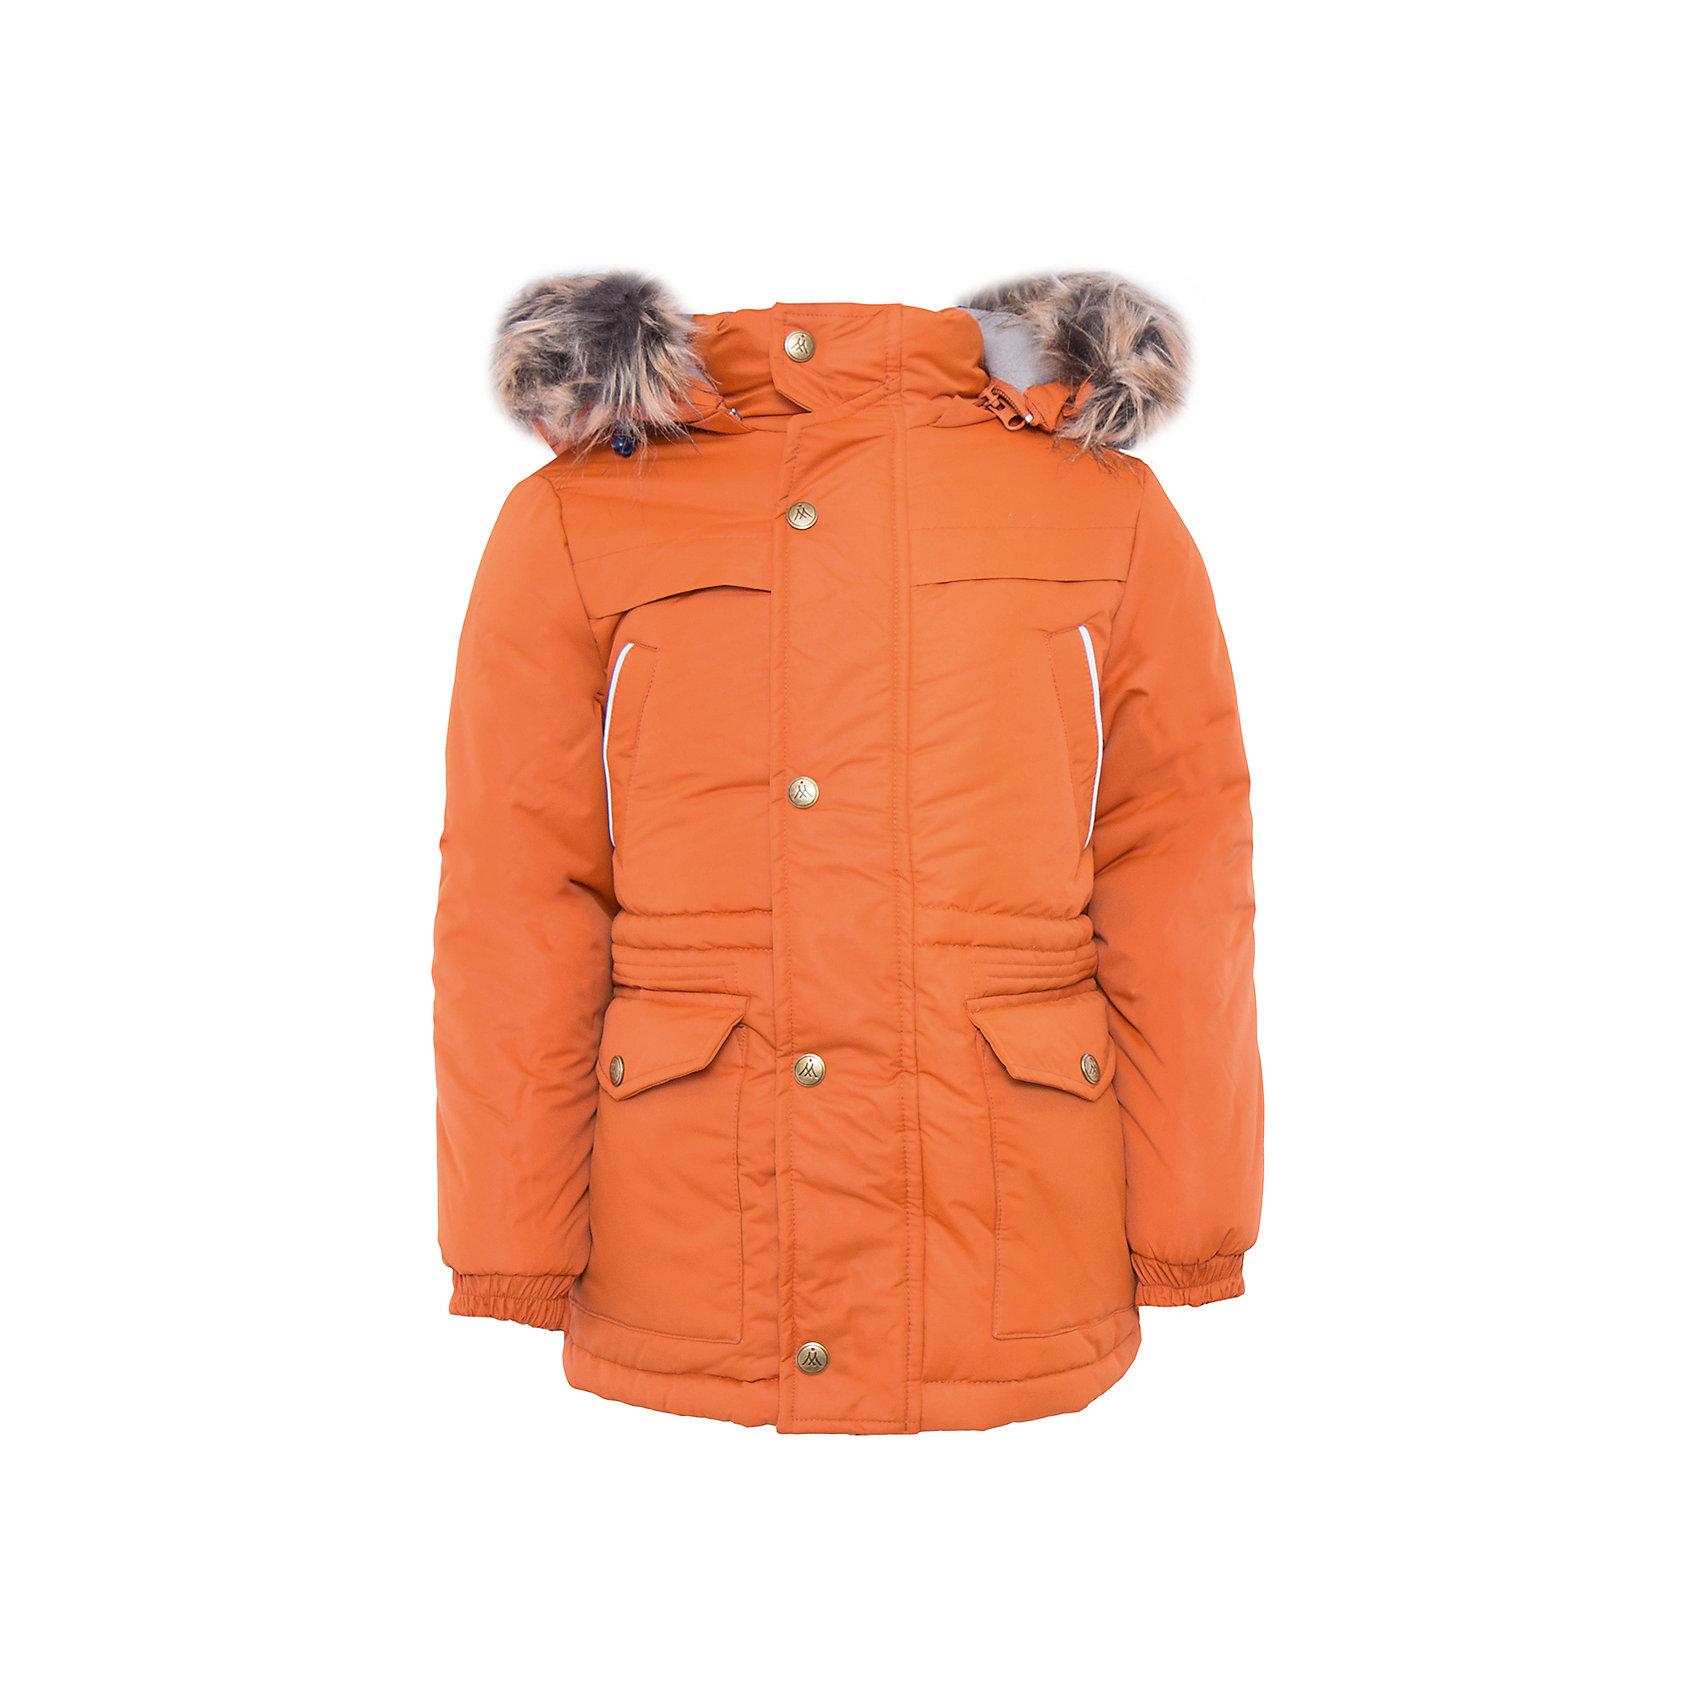 Куртка для мальчика PremontВерхняя одежда<br>Куртка для мальчика от известного бренда Premont.<br>Фанди – это невероятной красоты залив, омывающий побережье Канады. Этот залив известен своими самыми высокими приливами в мире, в зависимости от них заливменяет свой цвет. Парки принта «Воды Фанди» как раз отражают эти природные изменения и представлены в графитово-сером и в цвете темной охры.<br>Брюки до 6 лет идут с высокой грудкой, после 6 лет - с отстегивающейся спинкой.<br>Состав:<br>Ткань верха: мембрана 5000мм/5000г/м2/24h, Taslan<br>Подклад: Polarfleece (тело, капюшон, манжеты), Taffeta (рукава)<br>Утеплитель: Tech-polyfill (куртка 280г)<br><br>Ширина мм: 356<br>Глубина мм: 10<br>Высота мм: 245<br>Вес г: 519<br>Цвет: желтый<br>Возраст от месяцев: 108<br>Возраст до месяцев: 120<br>Пол: Мужской<br>Возраст: Детский<br>Размер: 110,116,122,128,134,146,152,158,164,140<br>SKU: 4996856